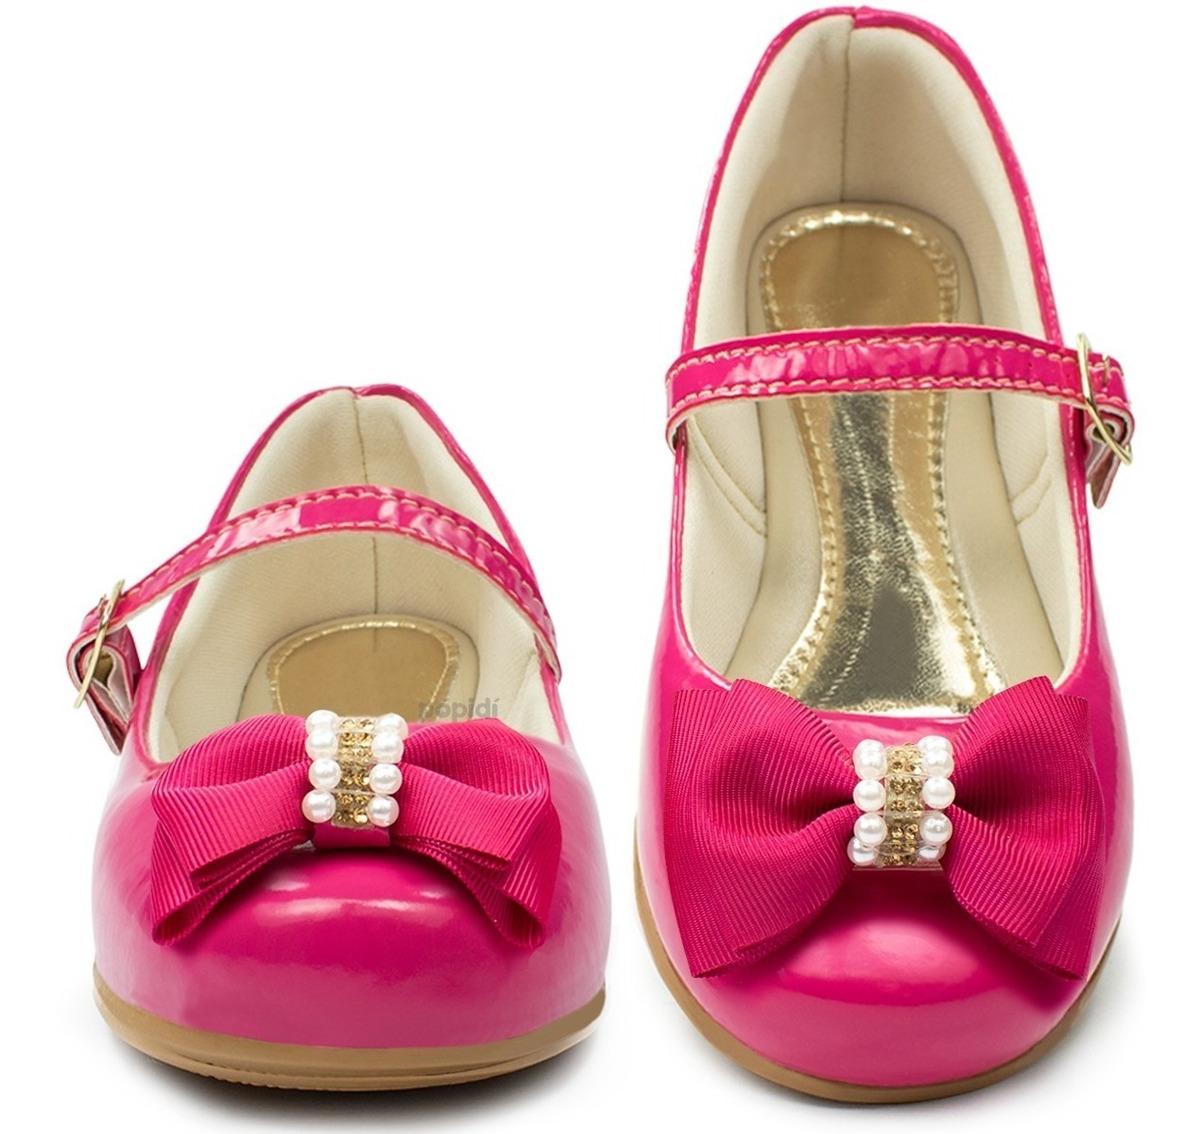 06b4b8f6b sapatilha infantil feminina menina sapato criança rasteira 7. Carregando  zoom.